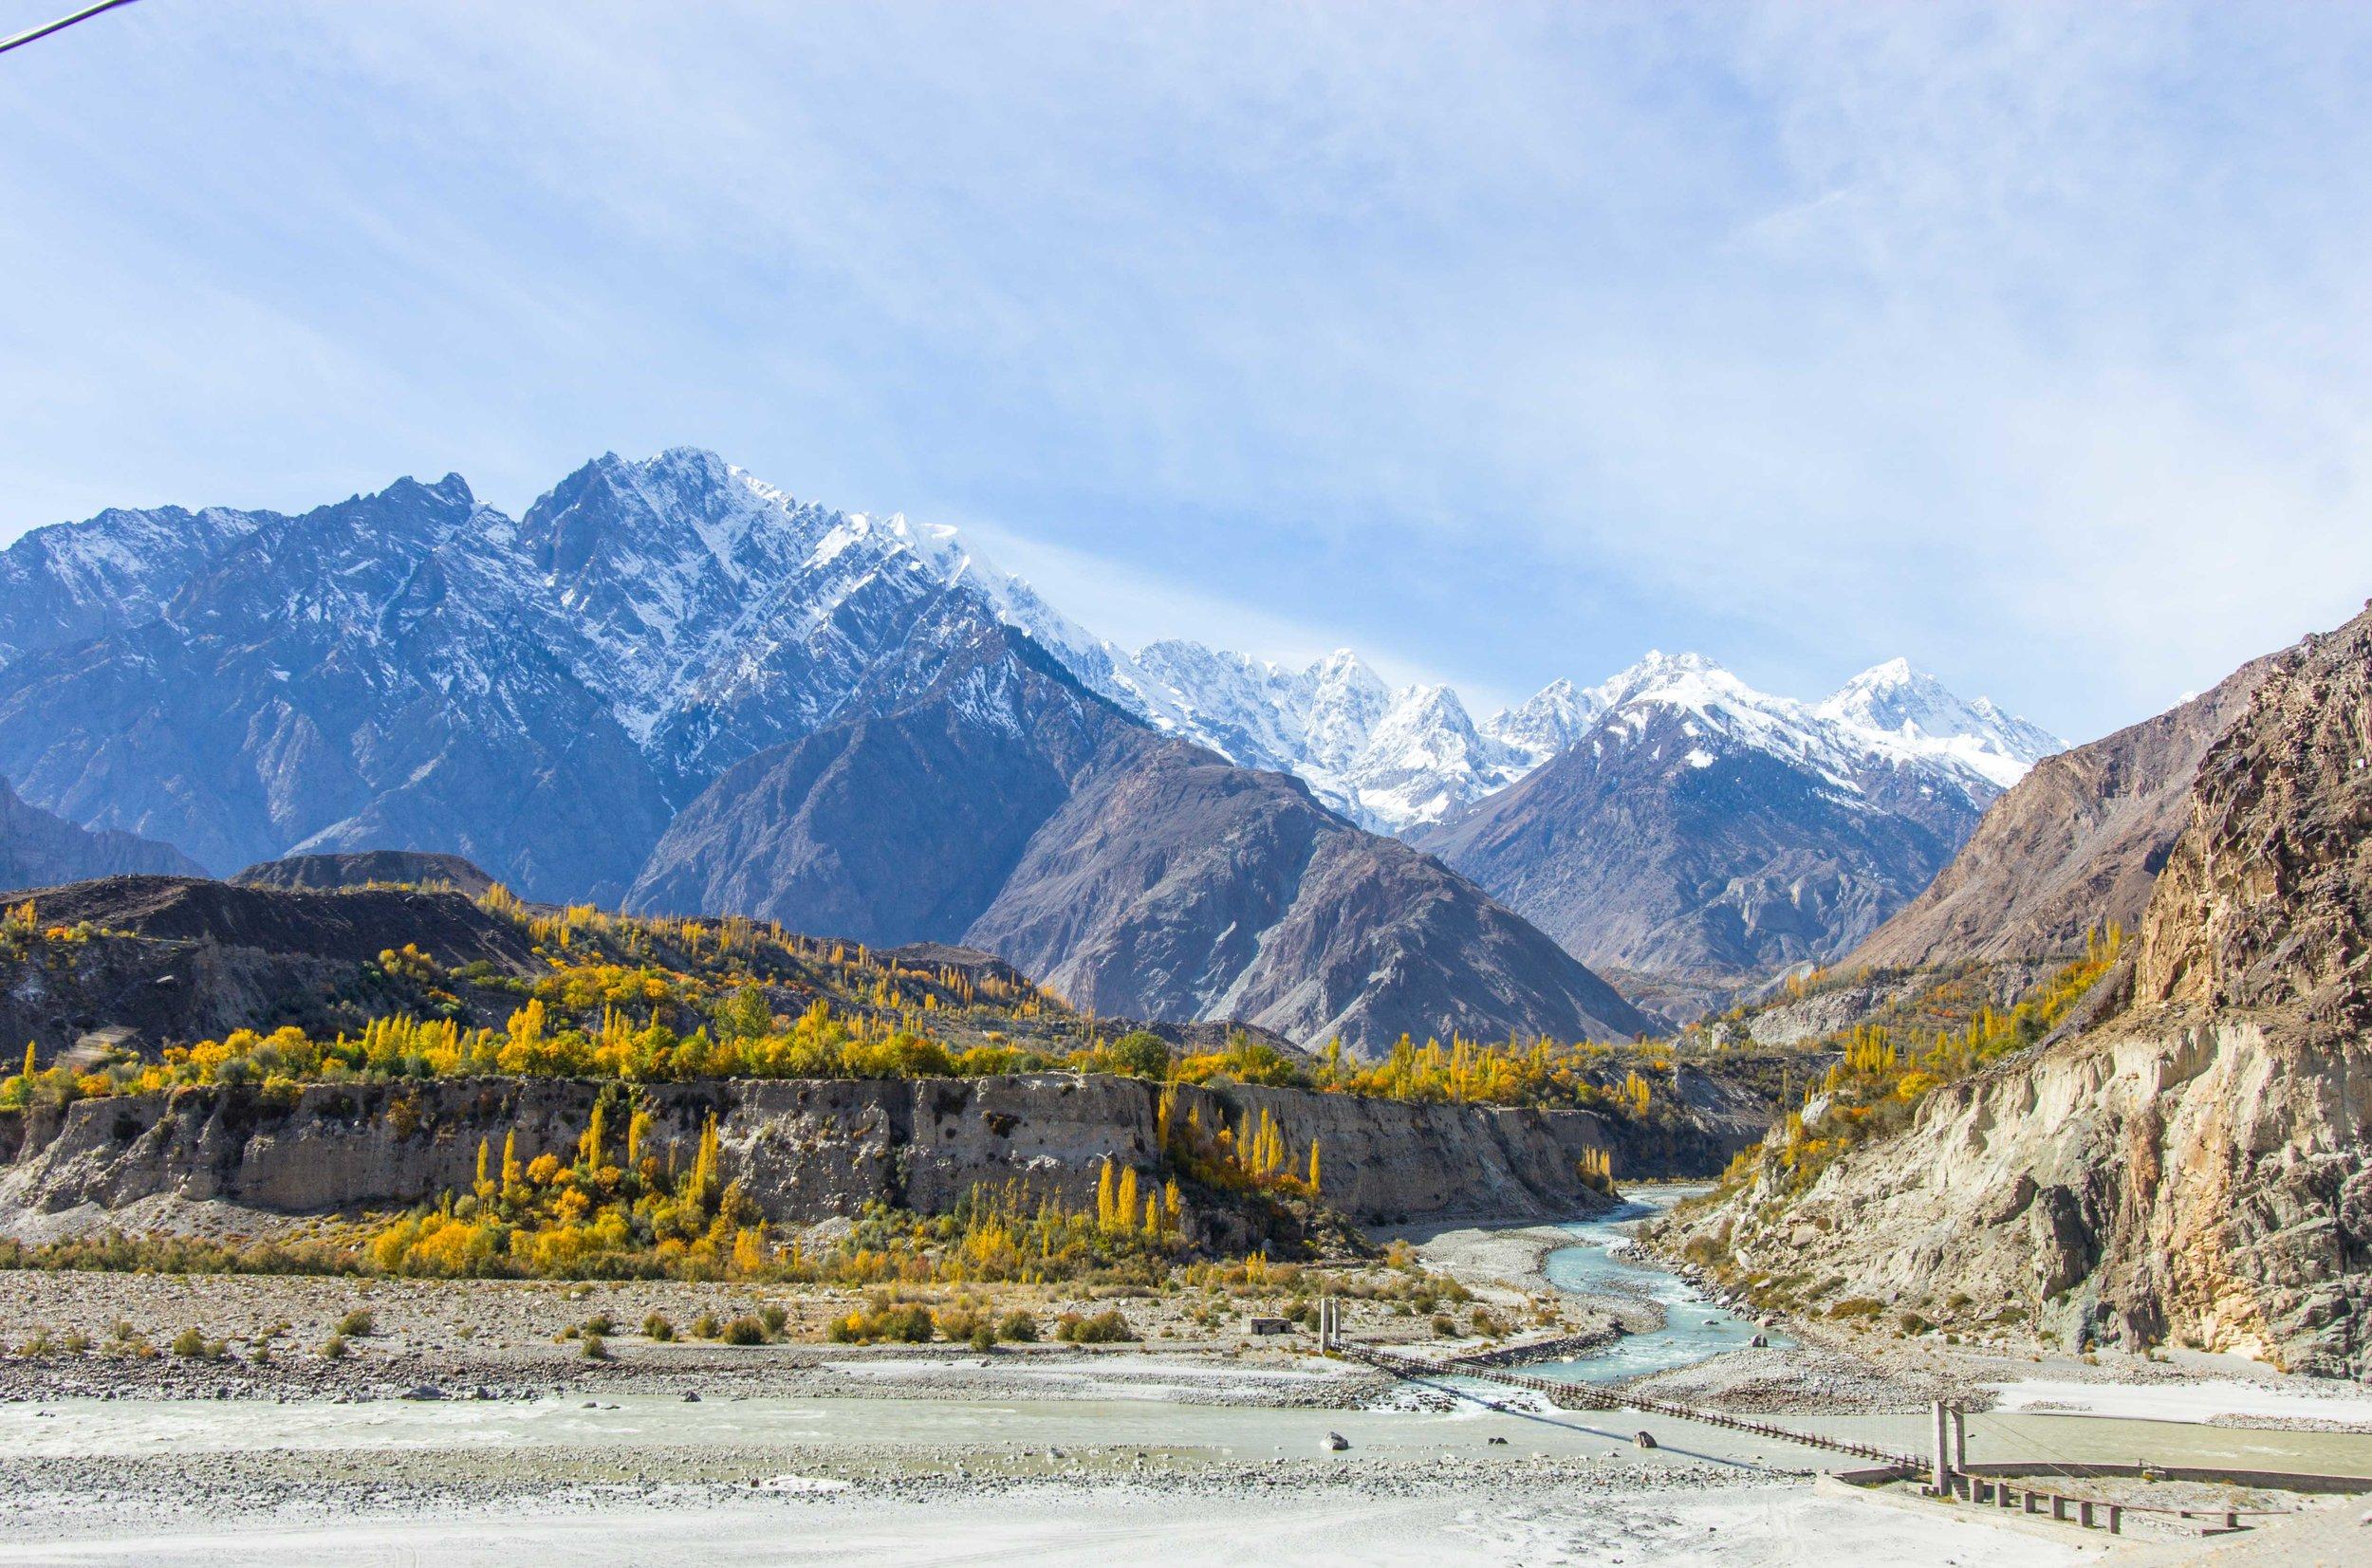 Thung lũng Hunza mùa thu đẹp ngất ngây với núi tuyết và lá vàng